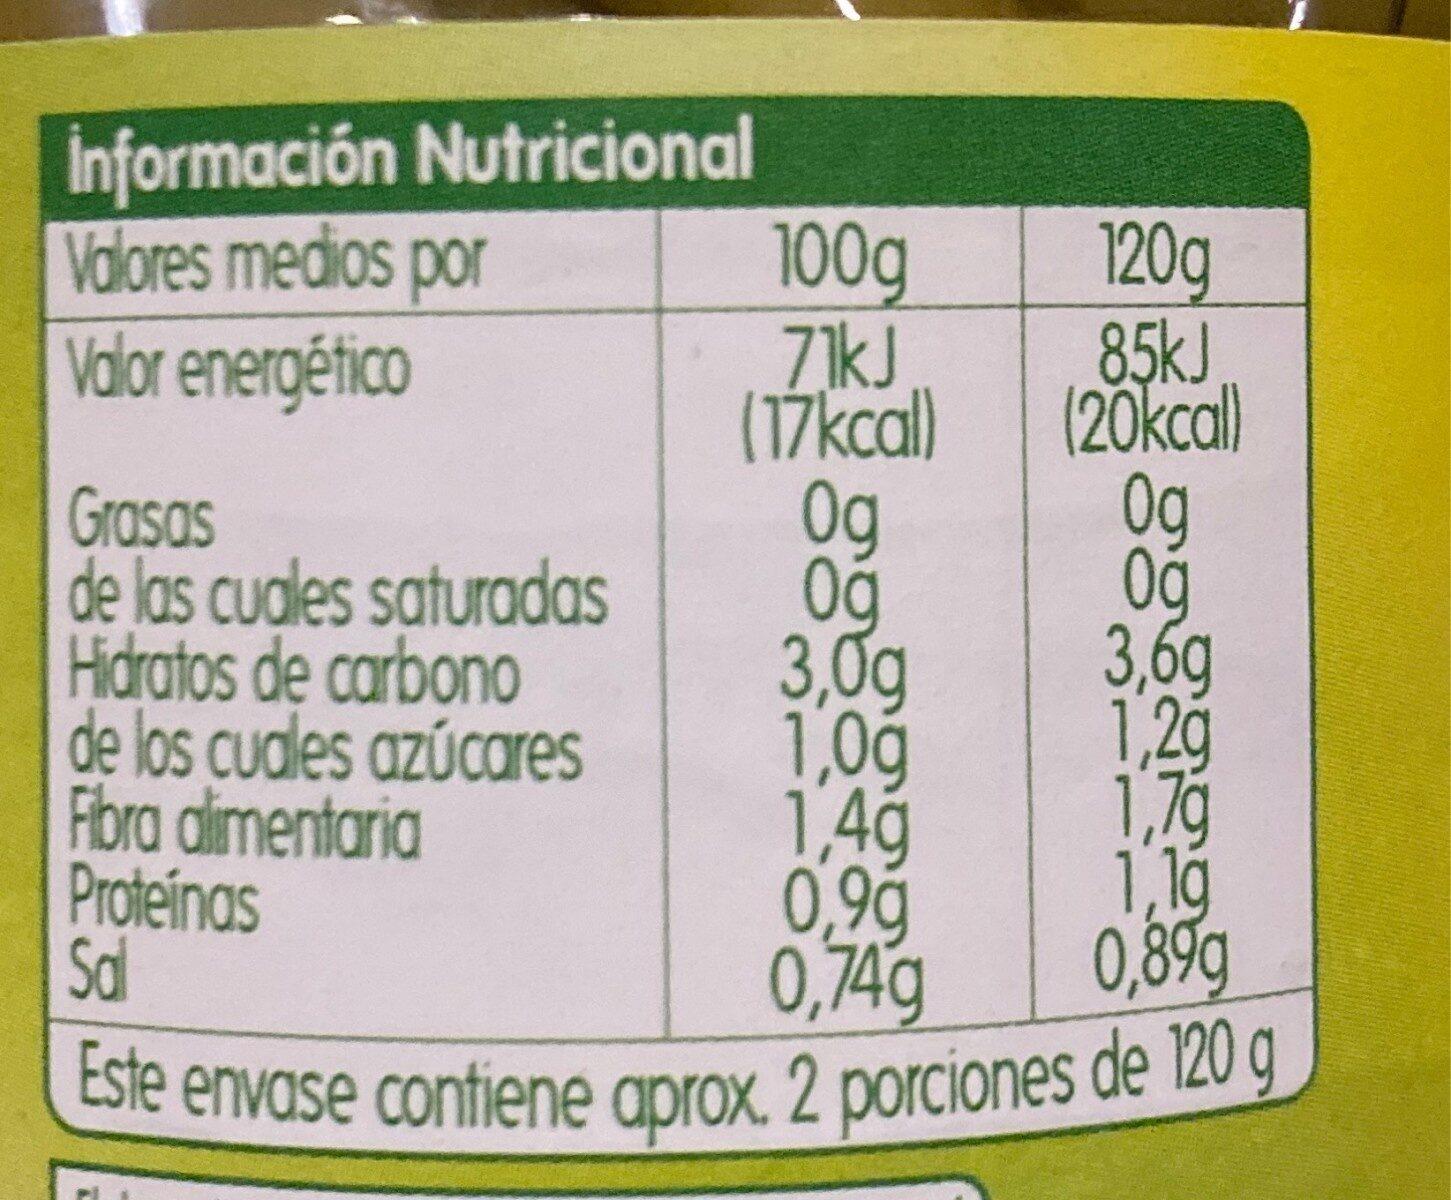 Judías Verdes Finas - Nutrition facts - es